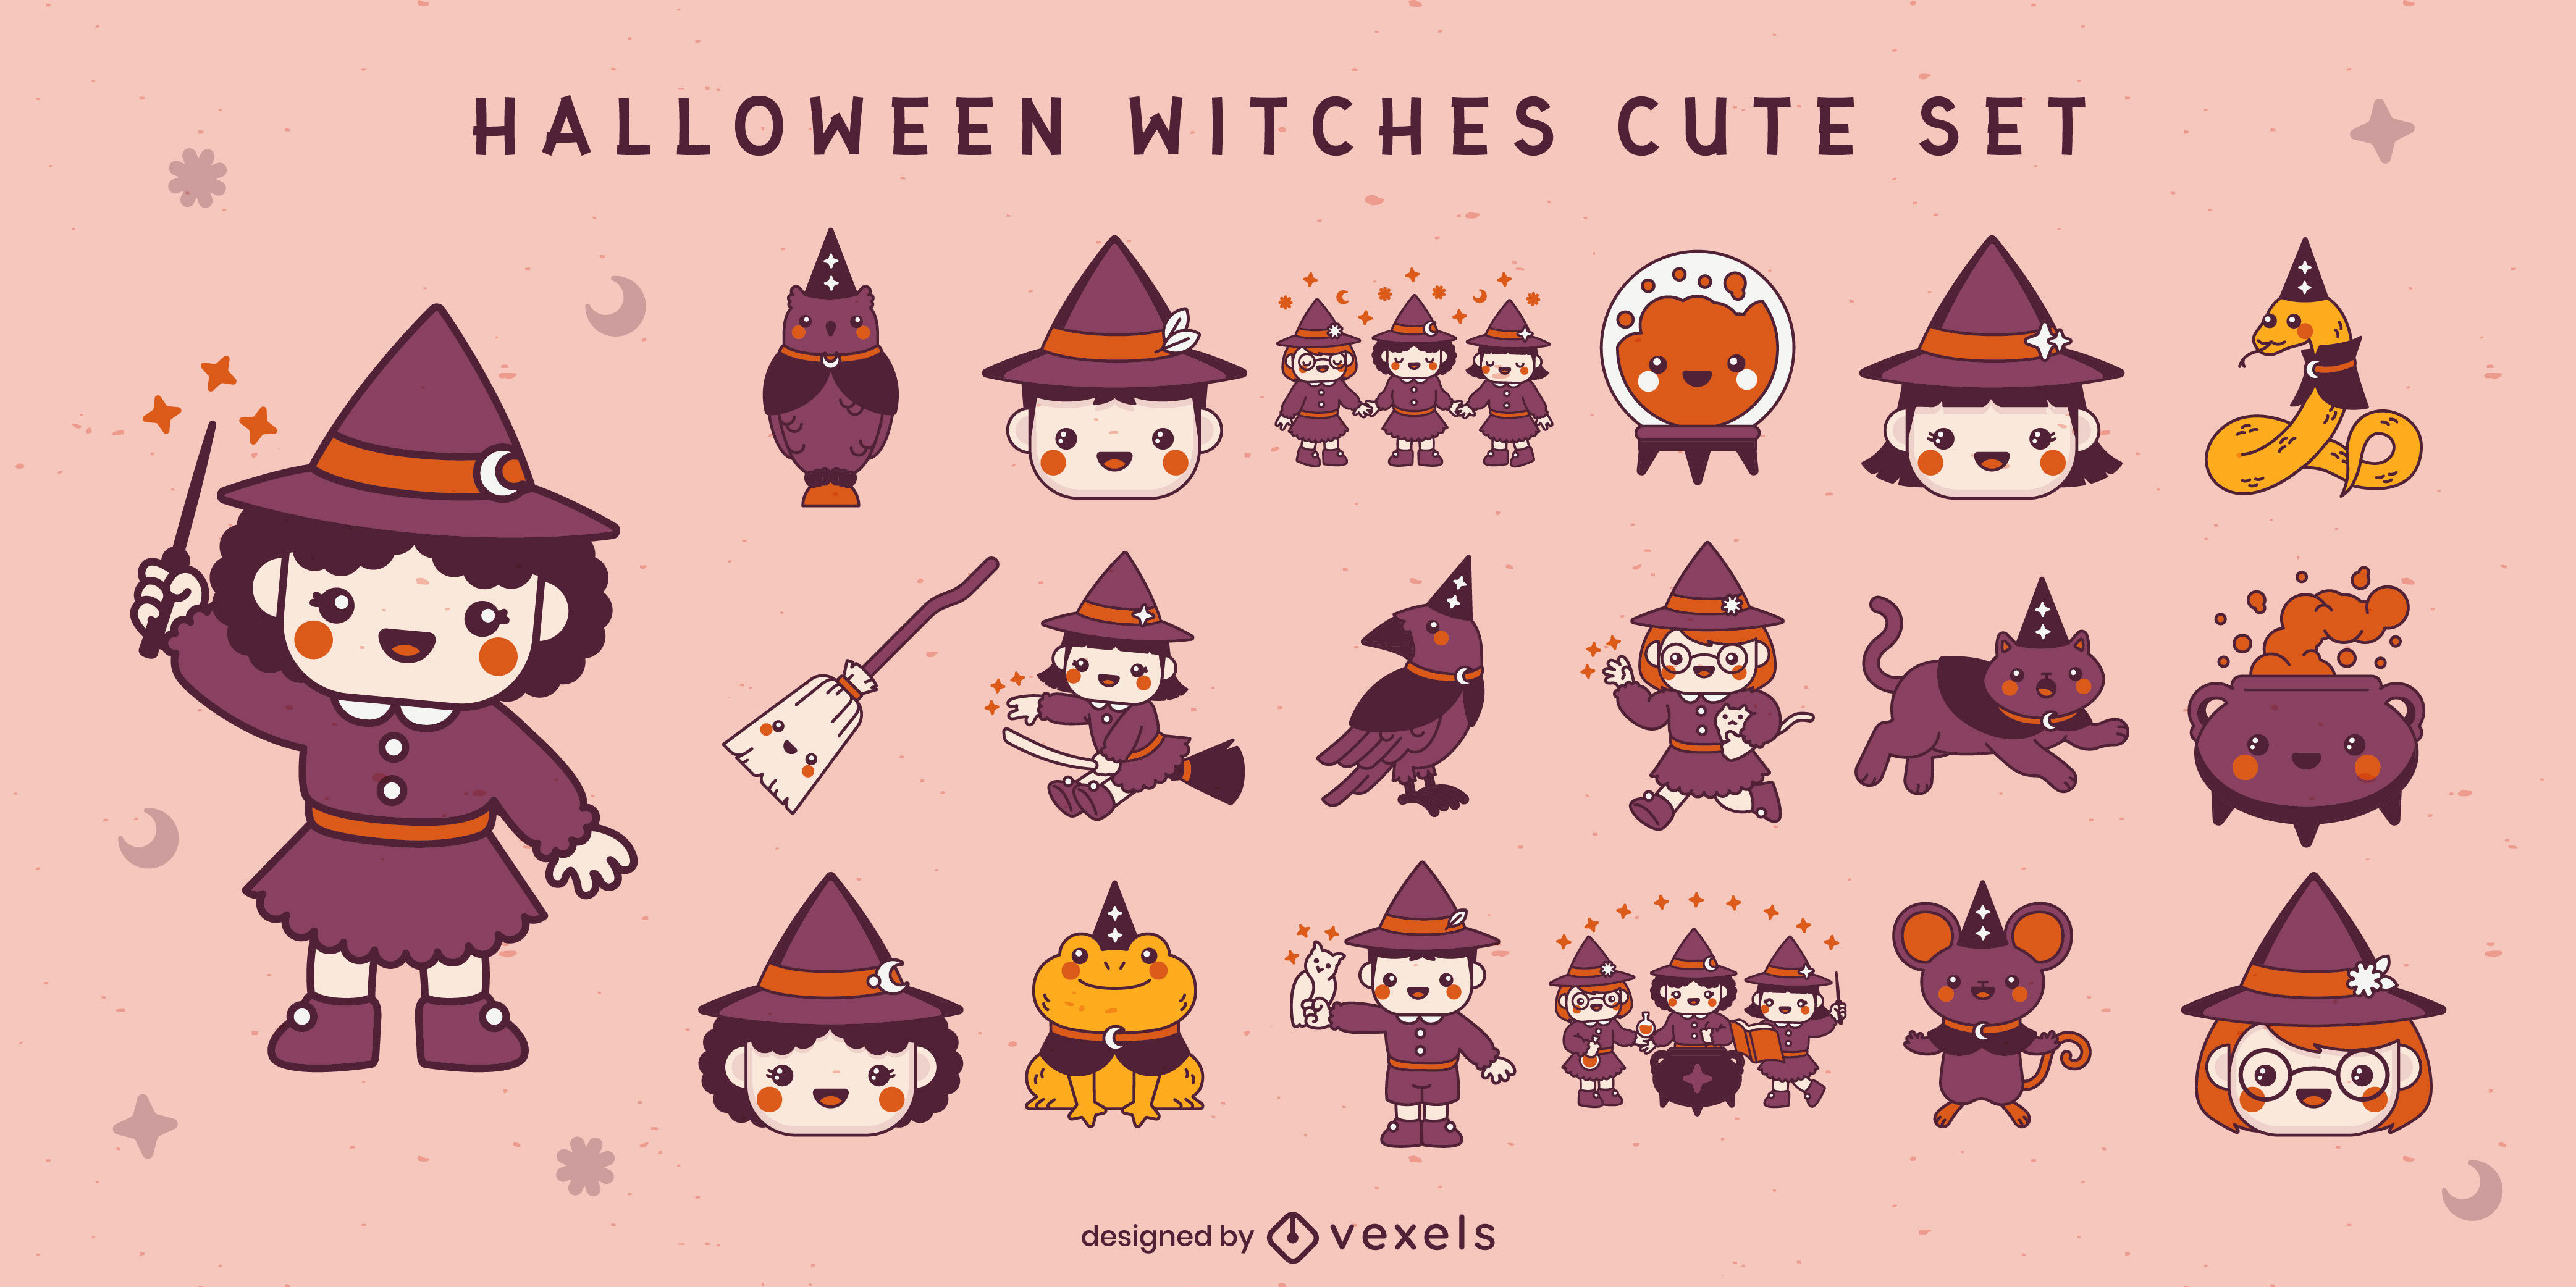 Cute children witches halloween set